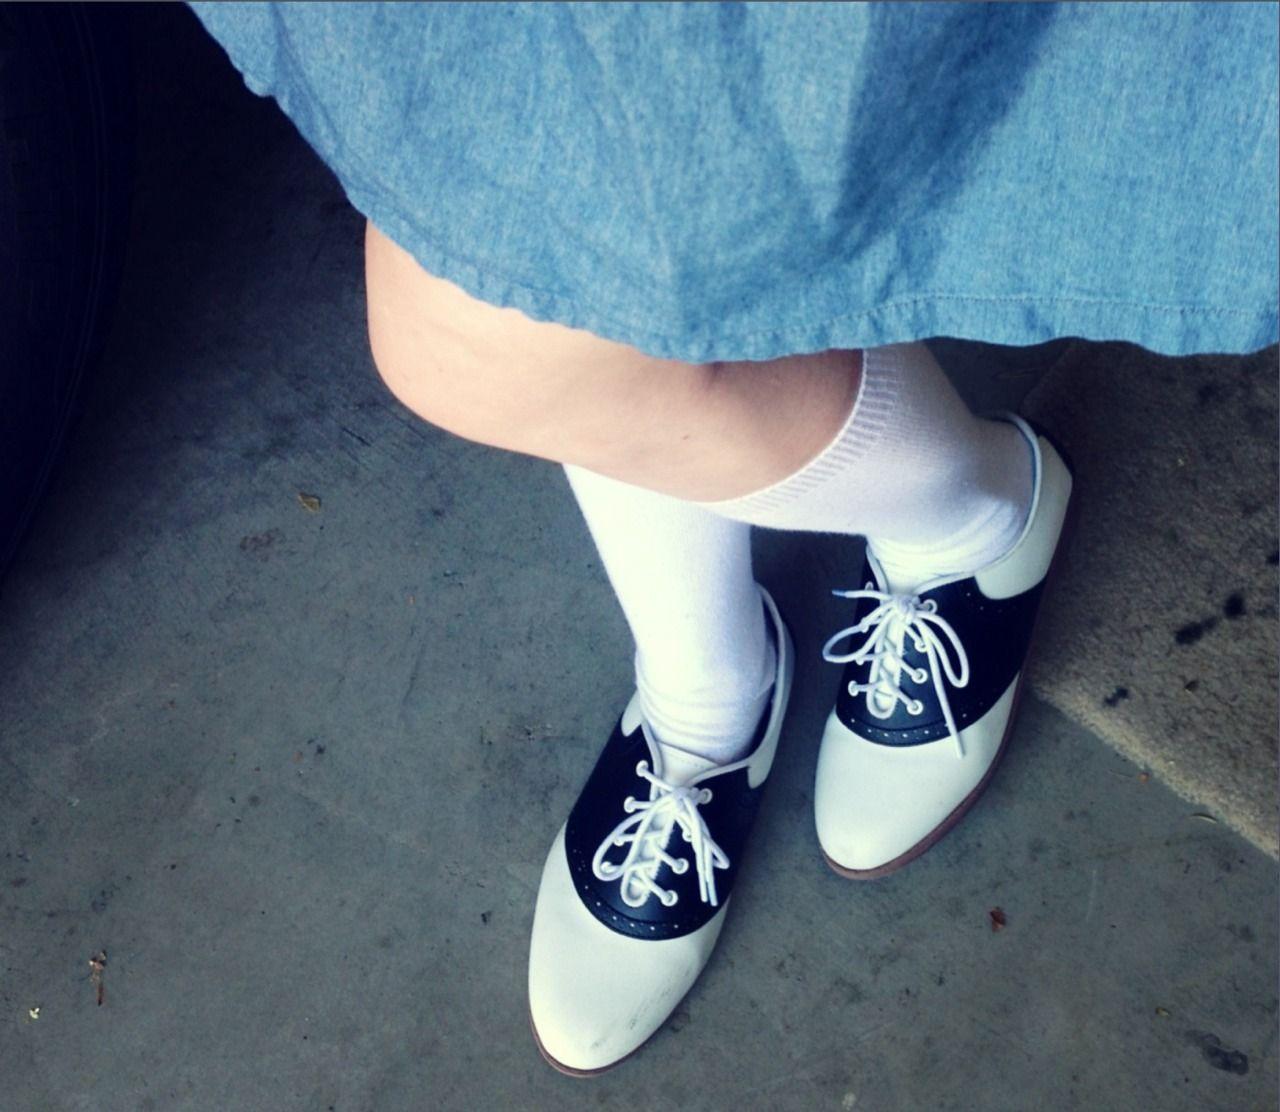 socks, Saddle oxford shoes, Saddle shoes